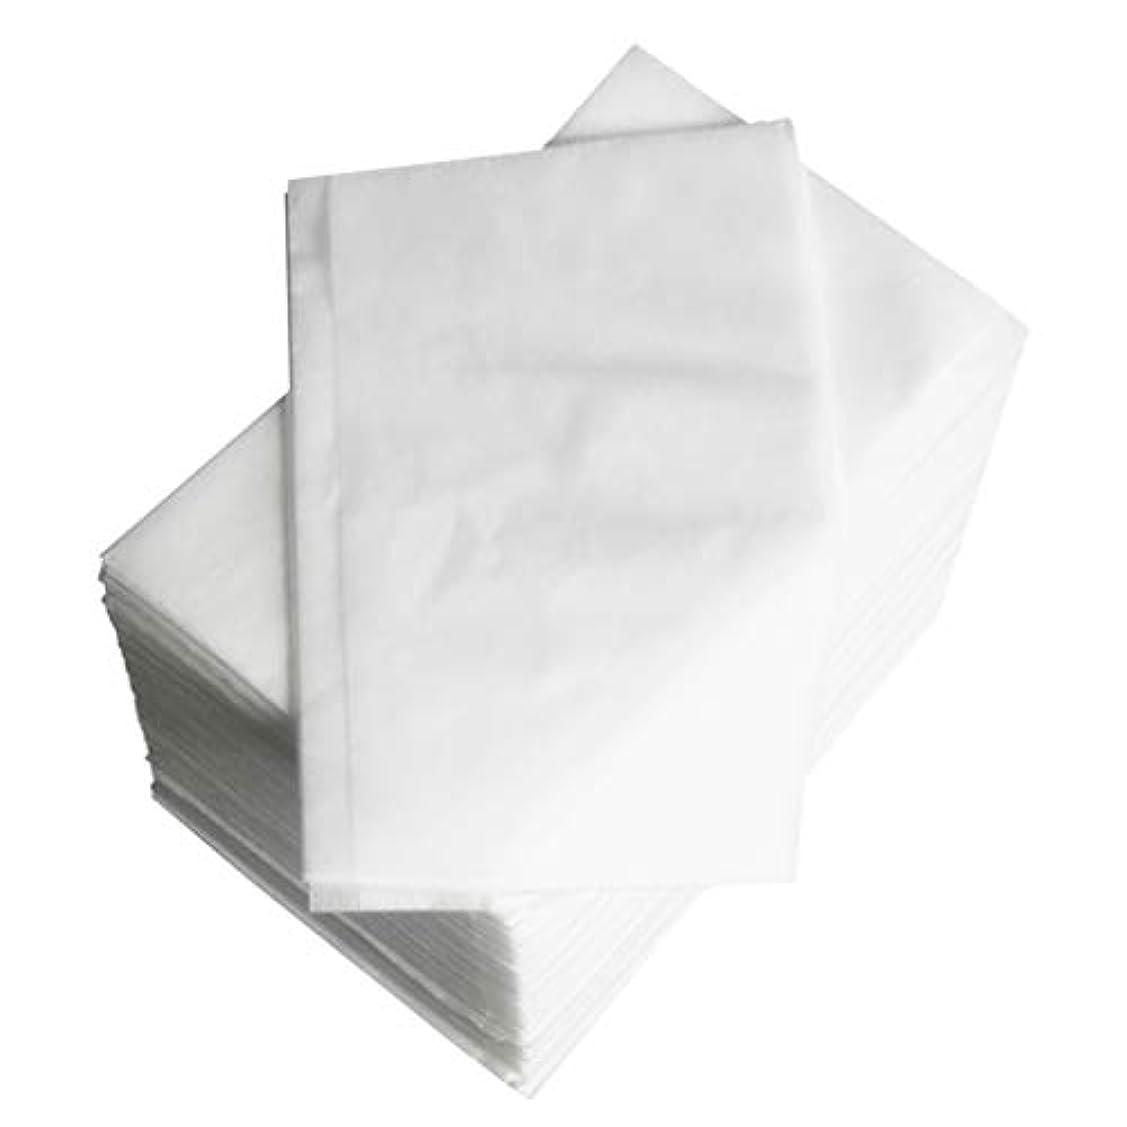 価格飼い慣らす勧めるマッサージ テーブルカバー使い捨て 約100個入り 全2カラー - 白